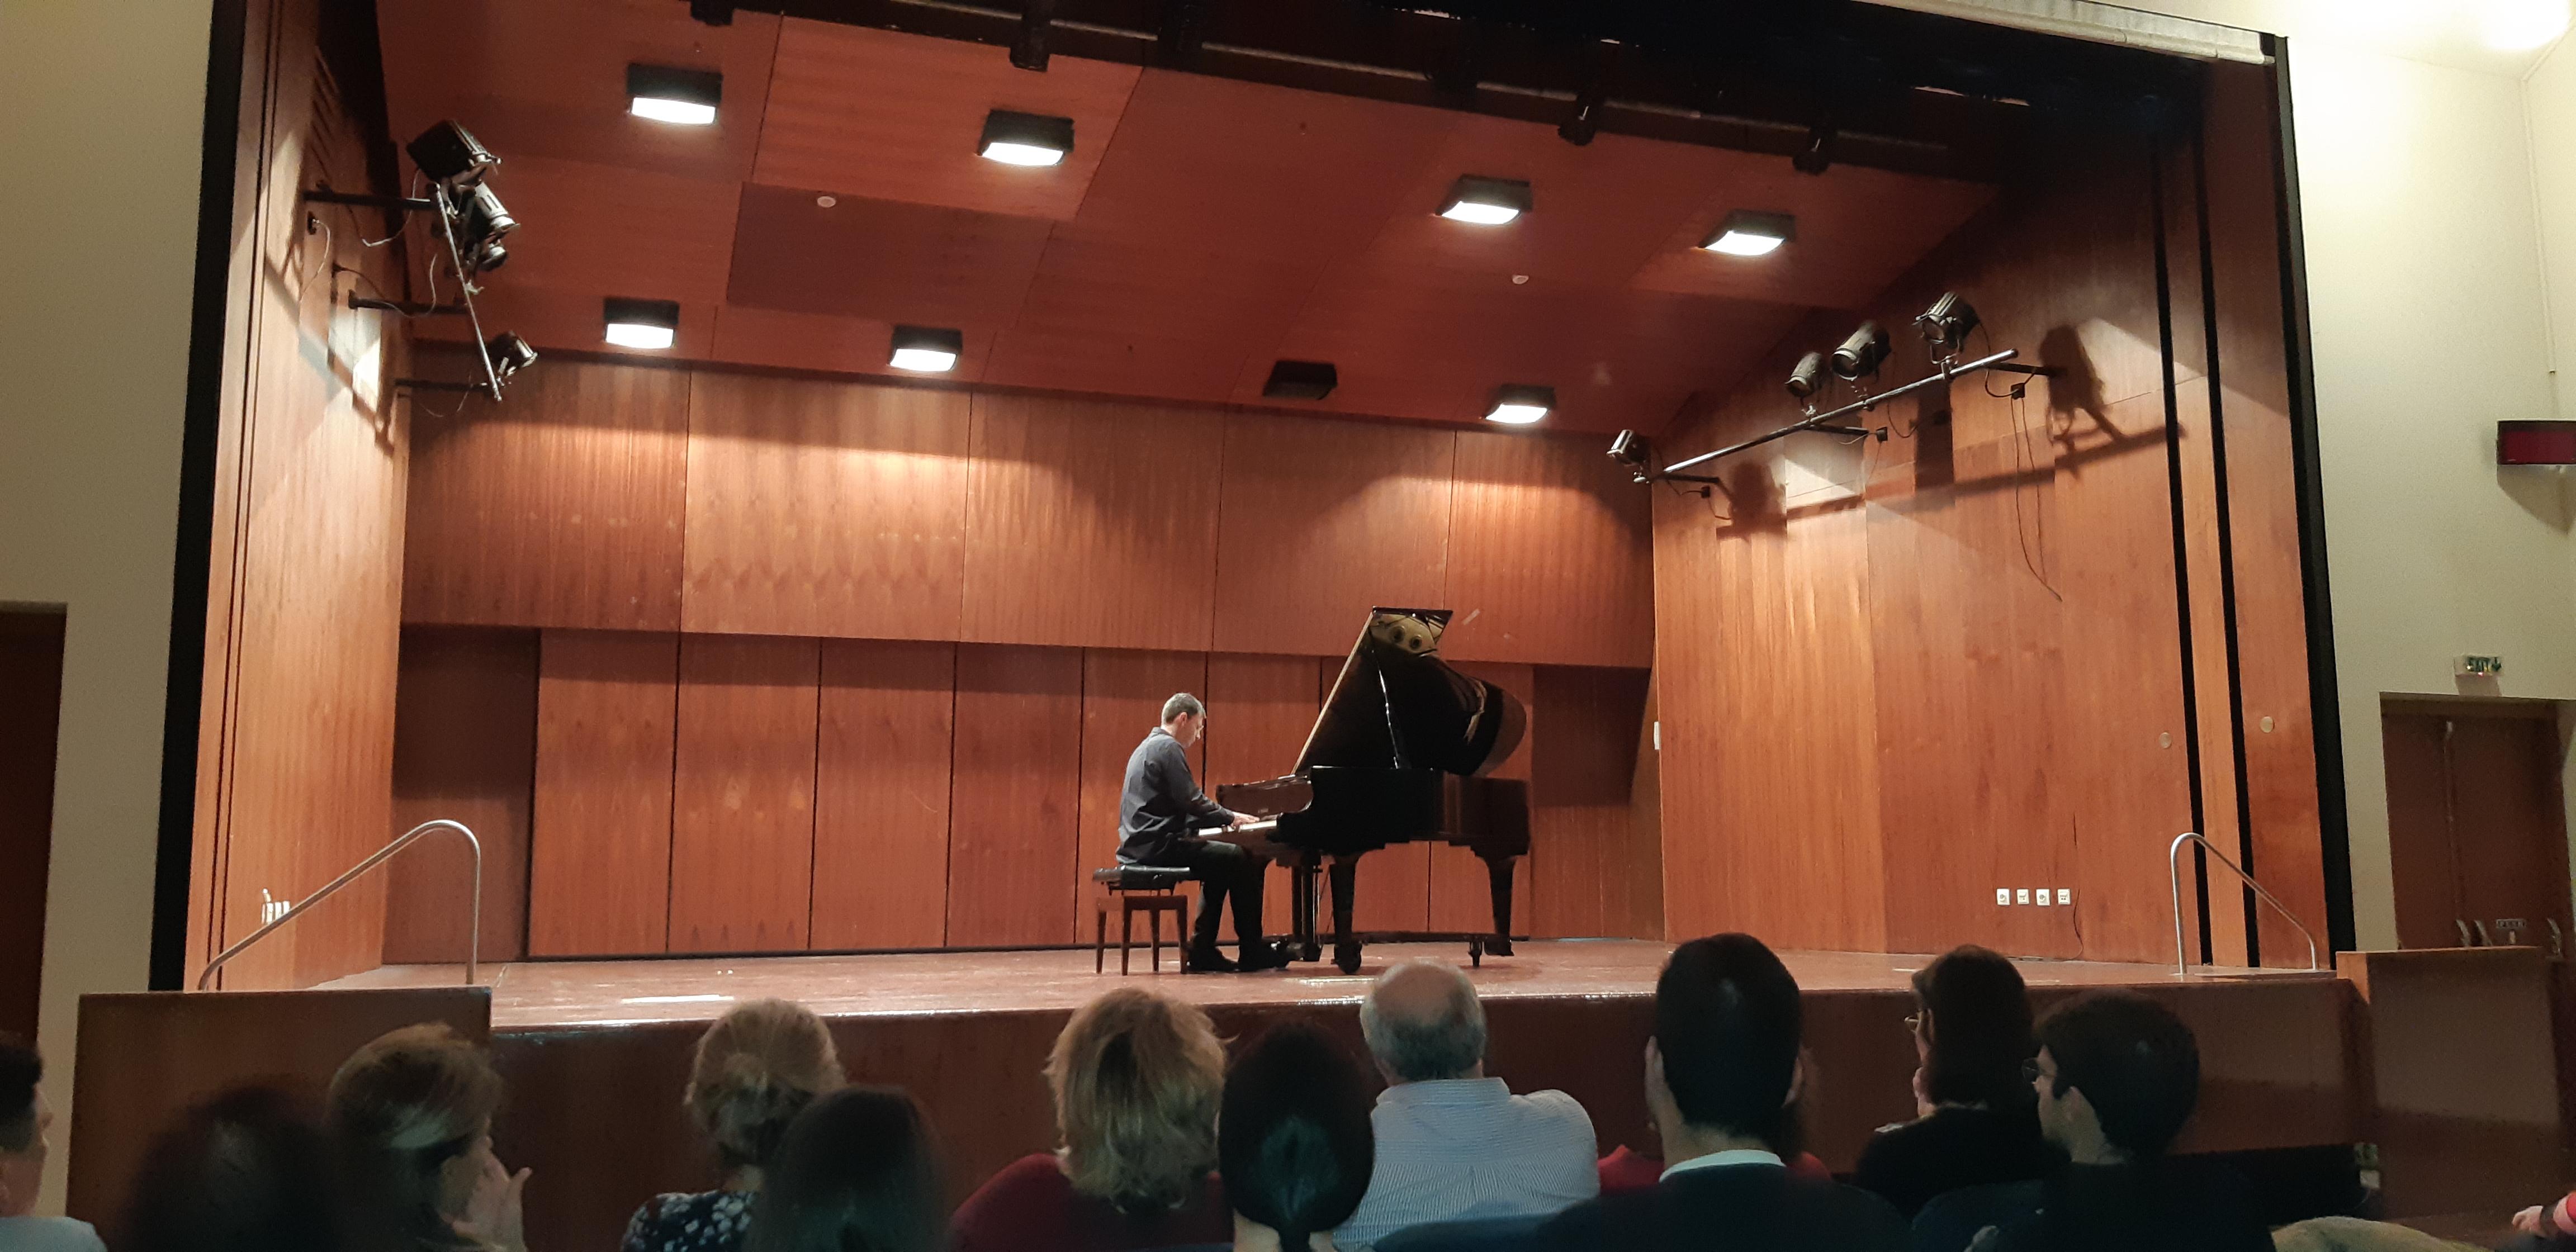 Ρεσιτάλ Πιάνου στην Ιόνιο Ακαδημία 28.10.2018